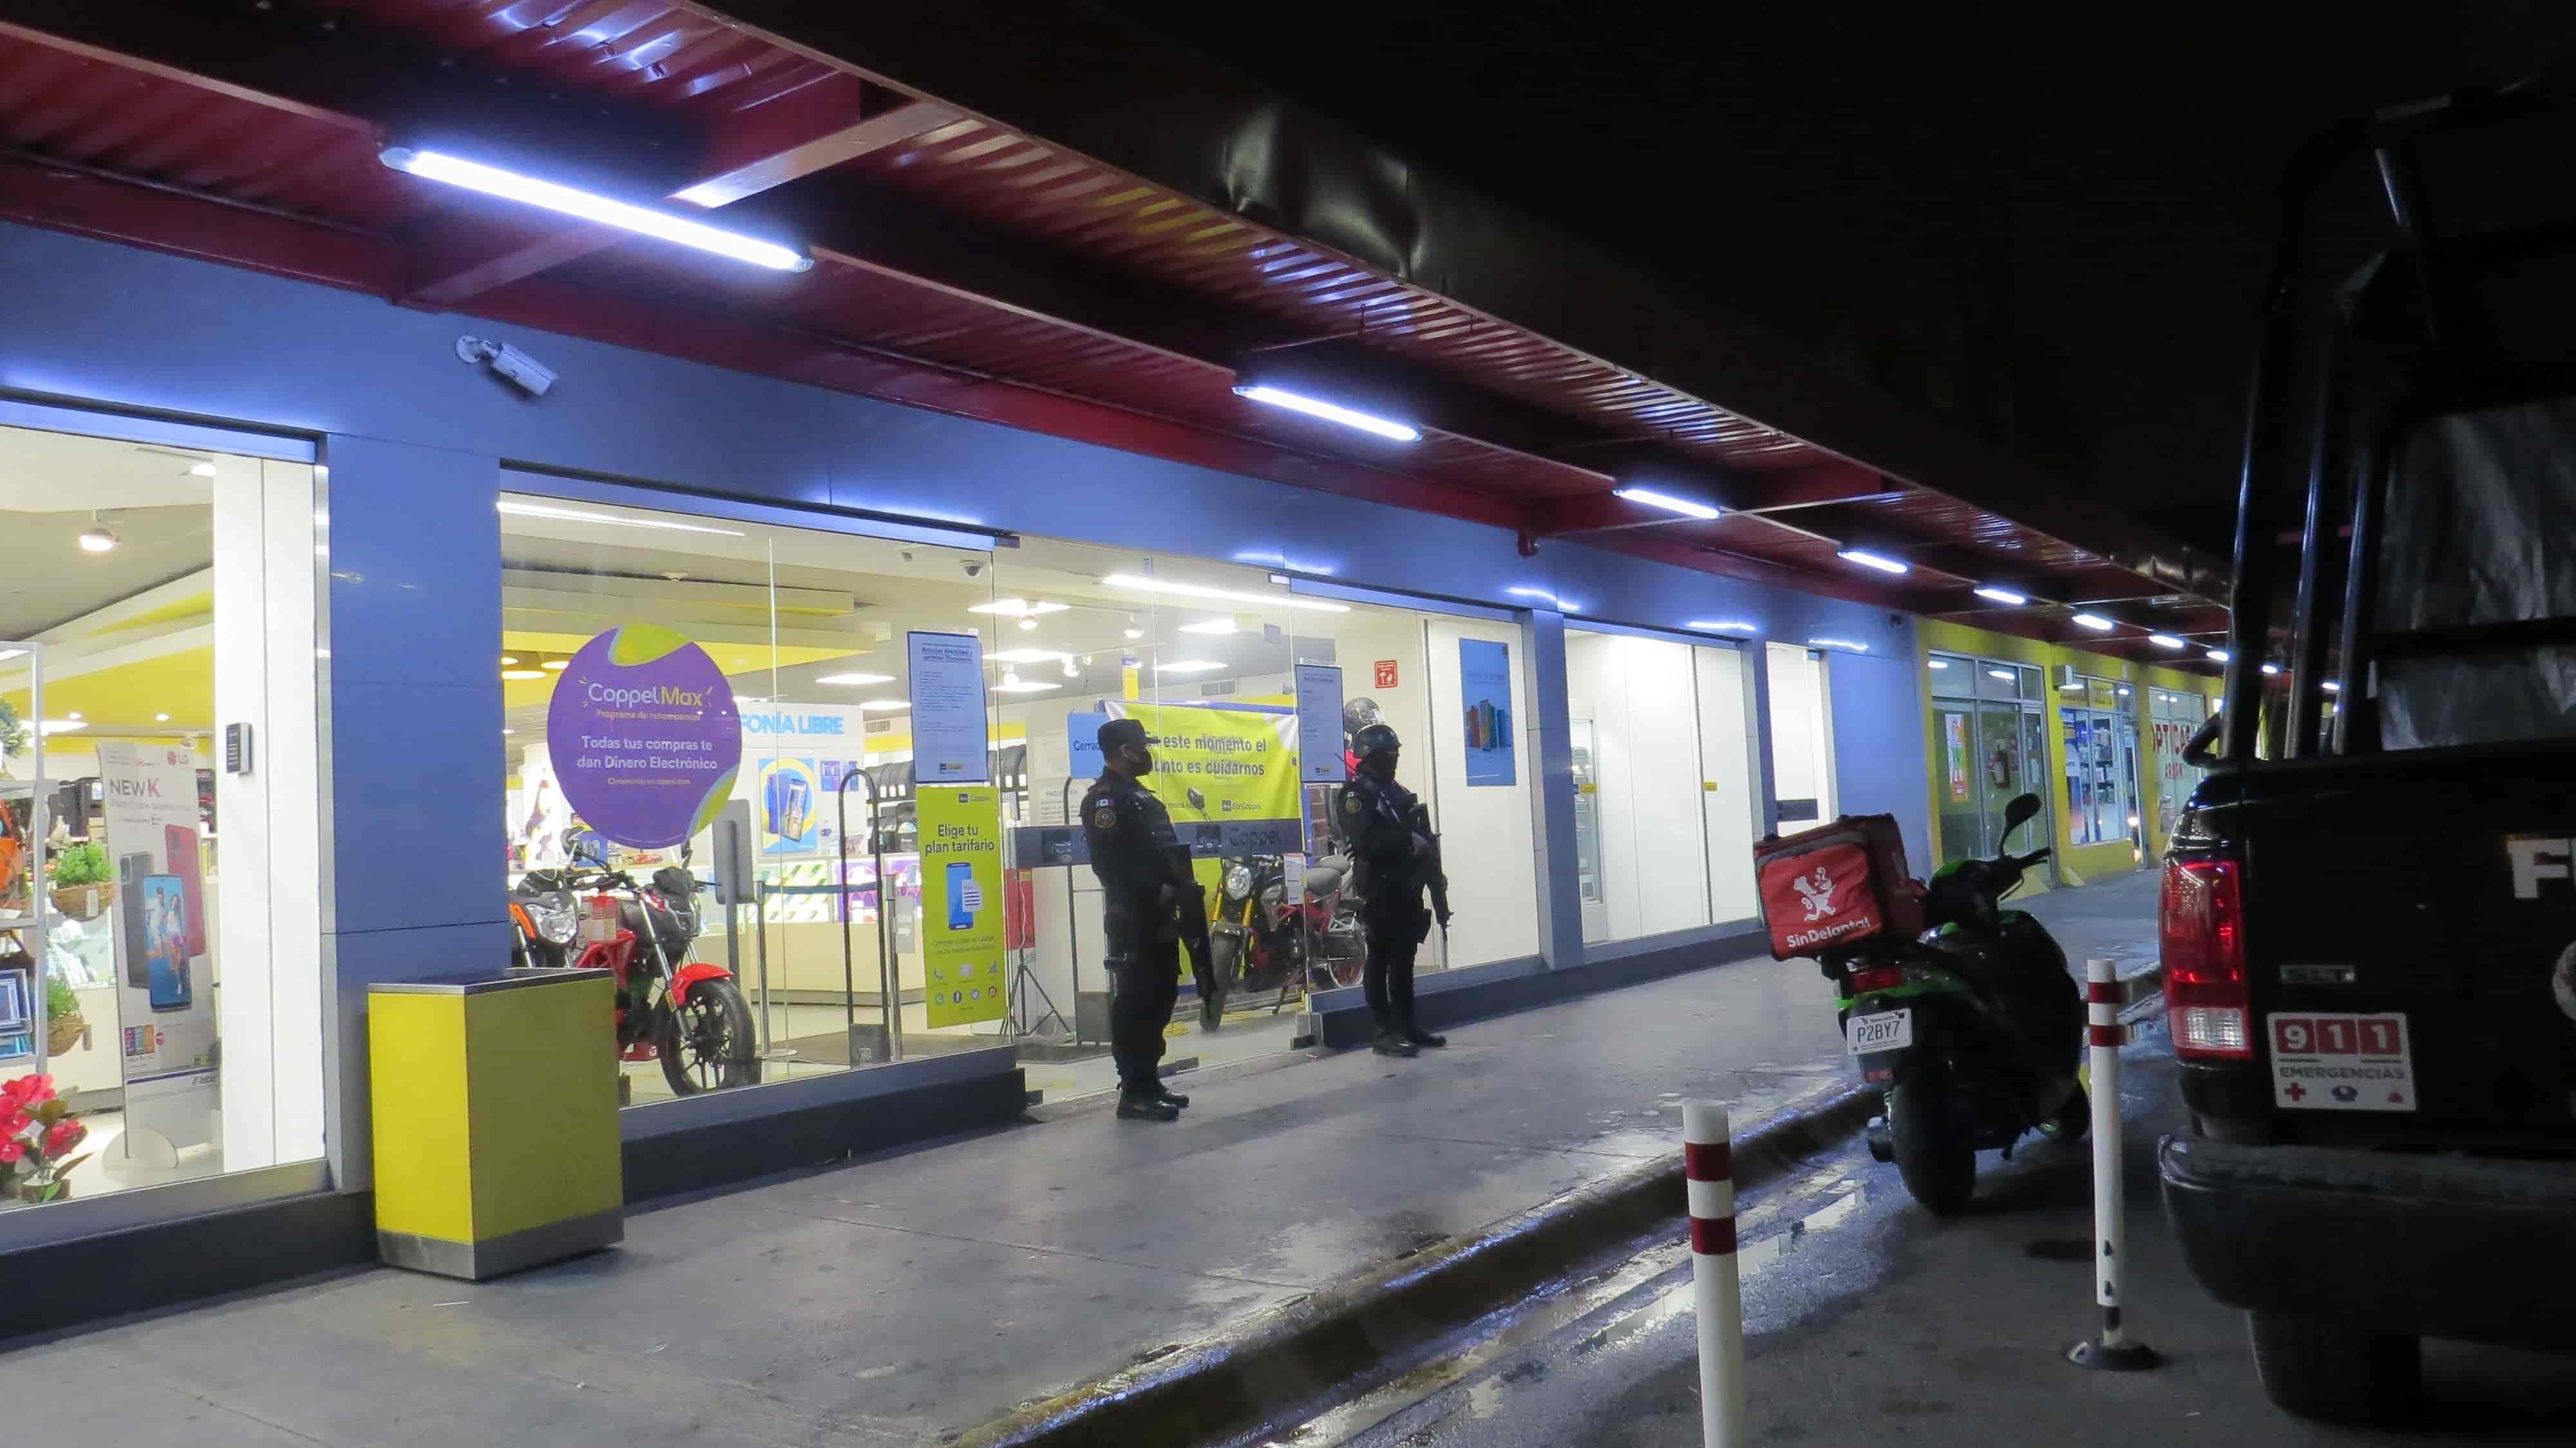 Dos sujetos con armas de fuego, asaltaron una sucursal bancaria